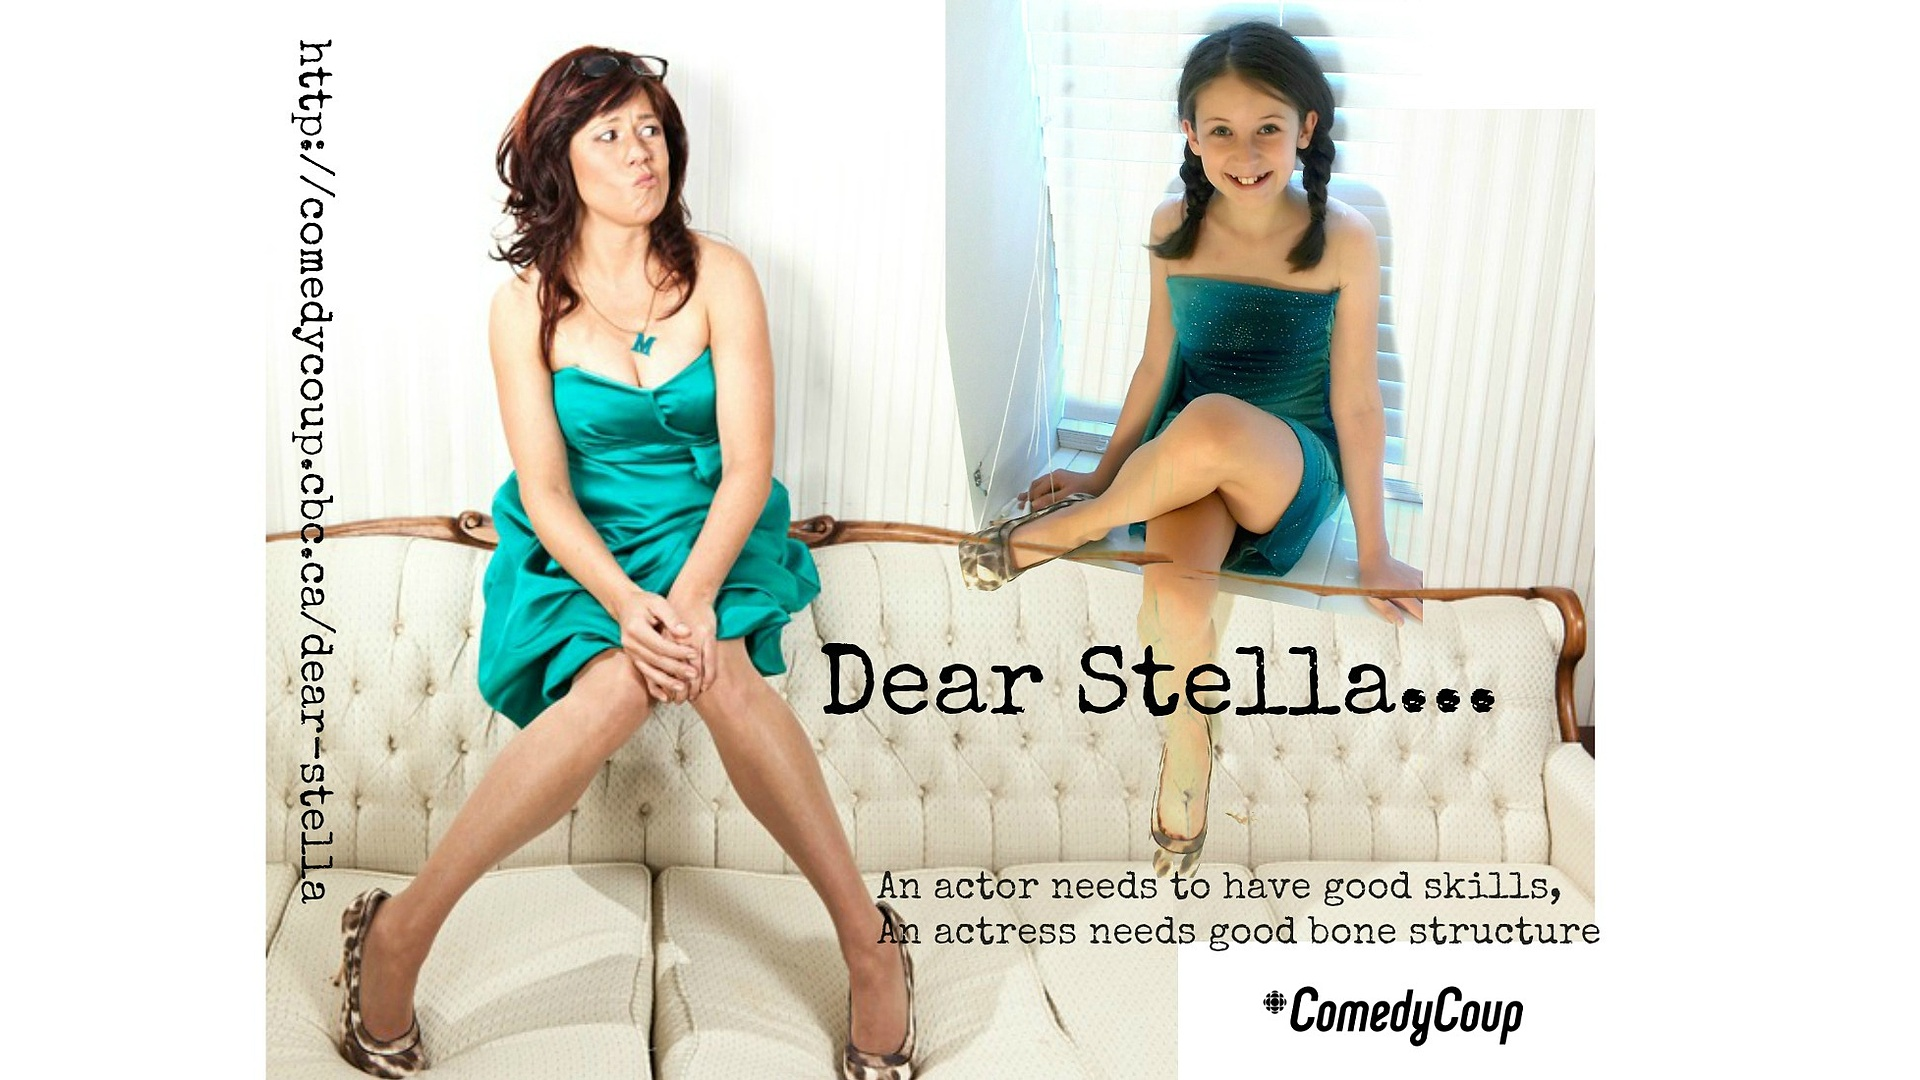 Week 4 Key It: Poster A Dear Stella